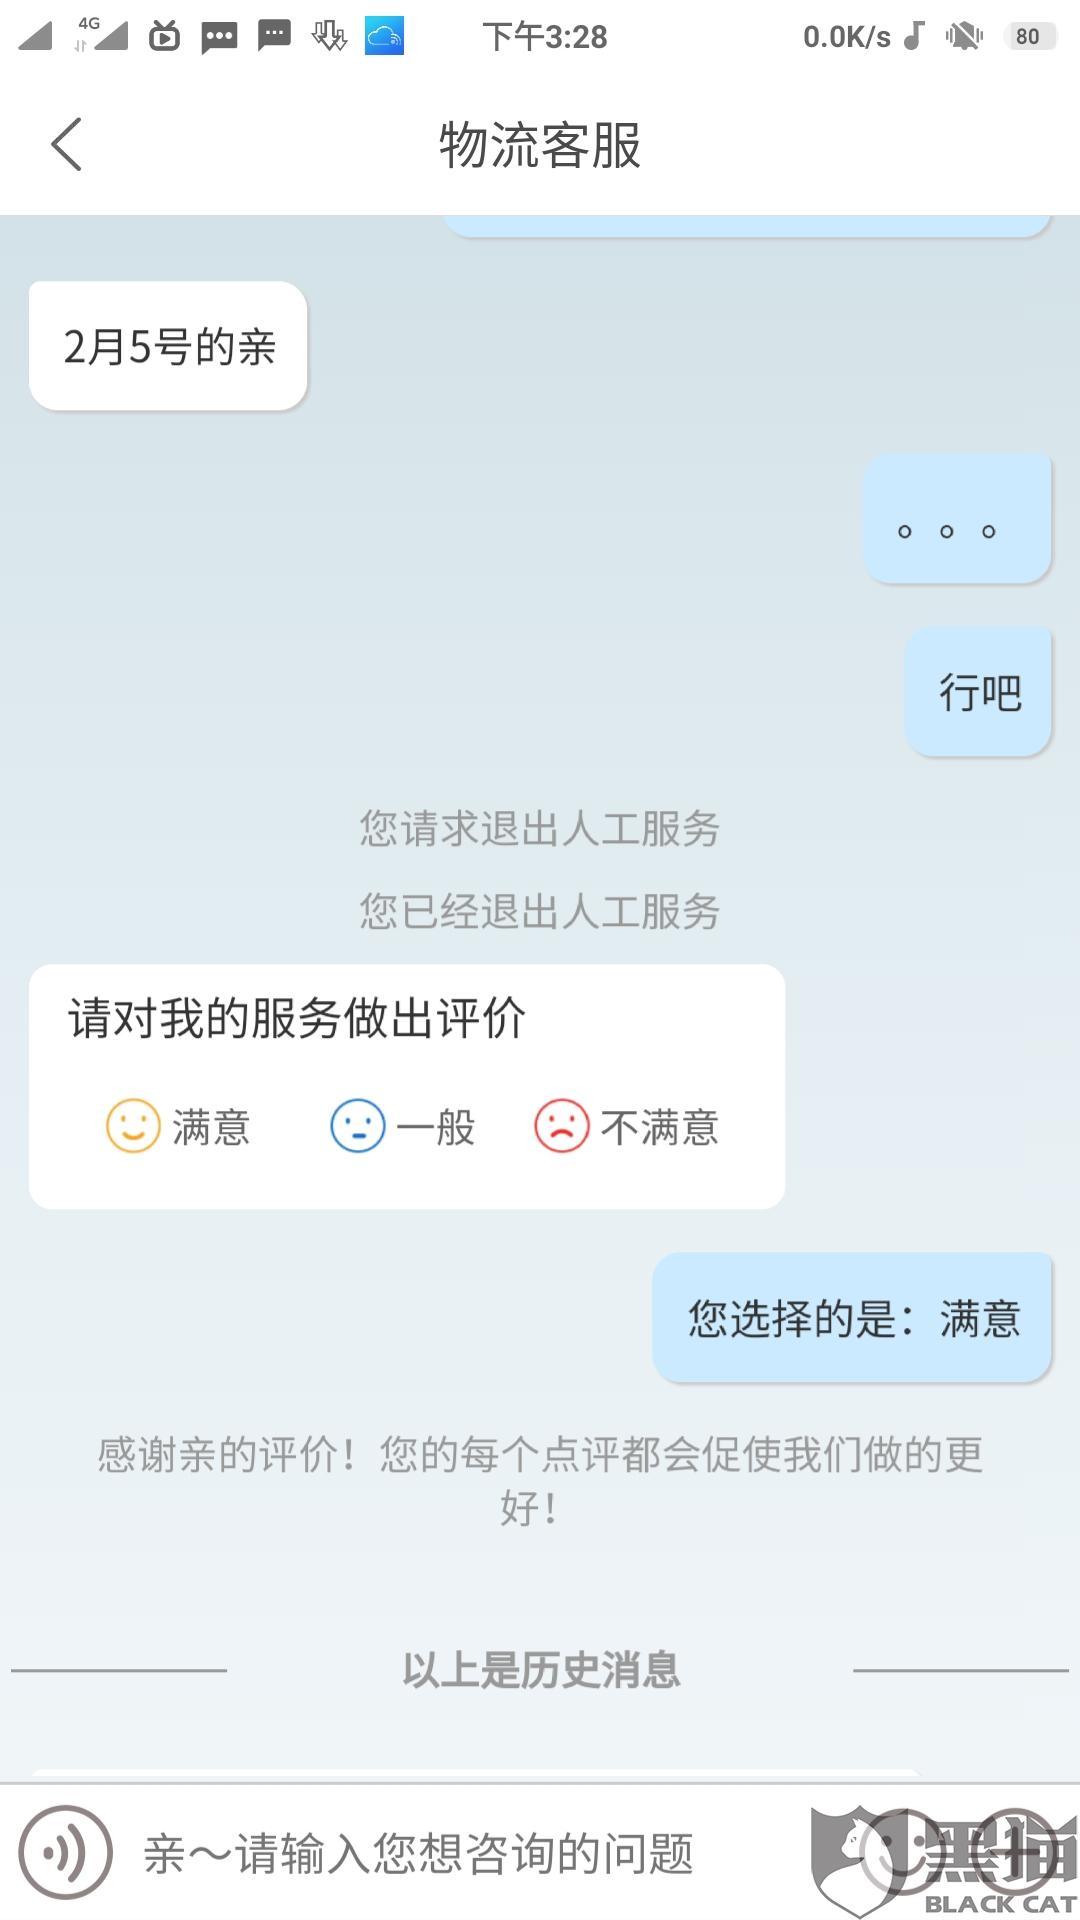 黑猫投诉:中国邮政快递员未经同意更改配送时间